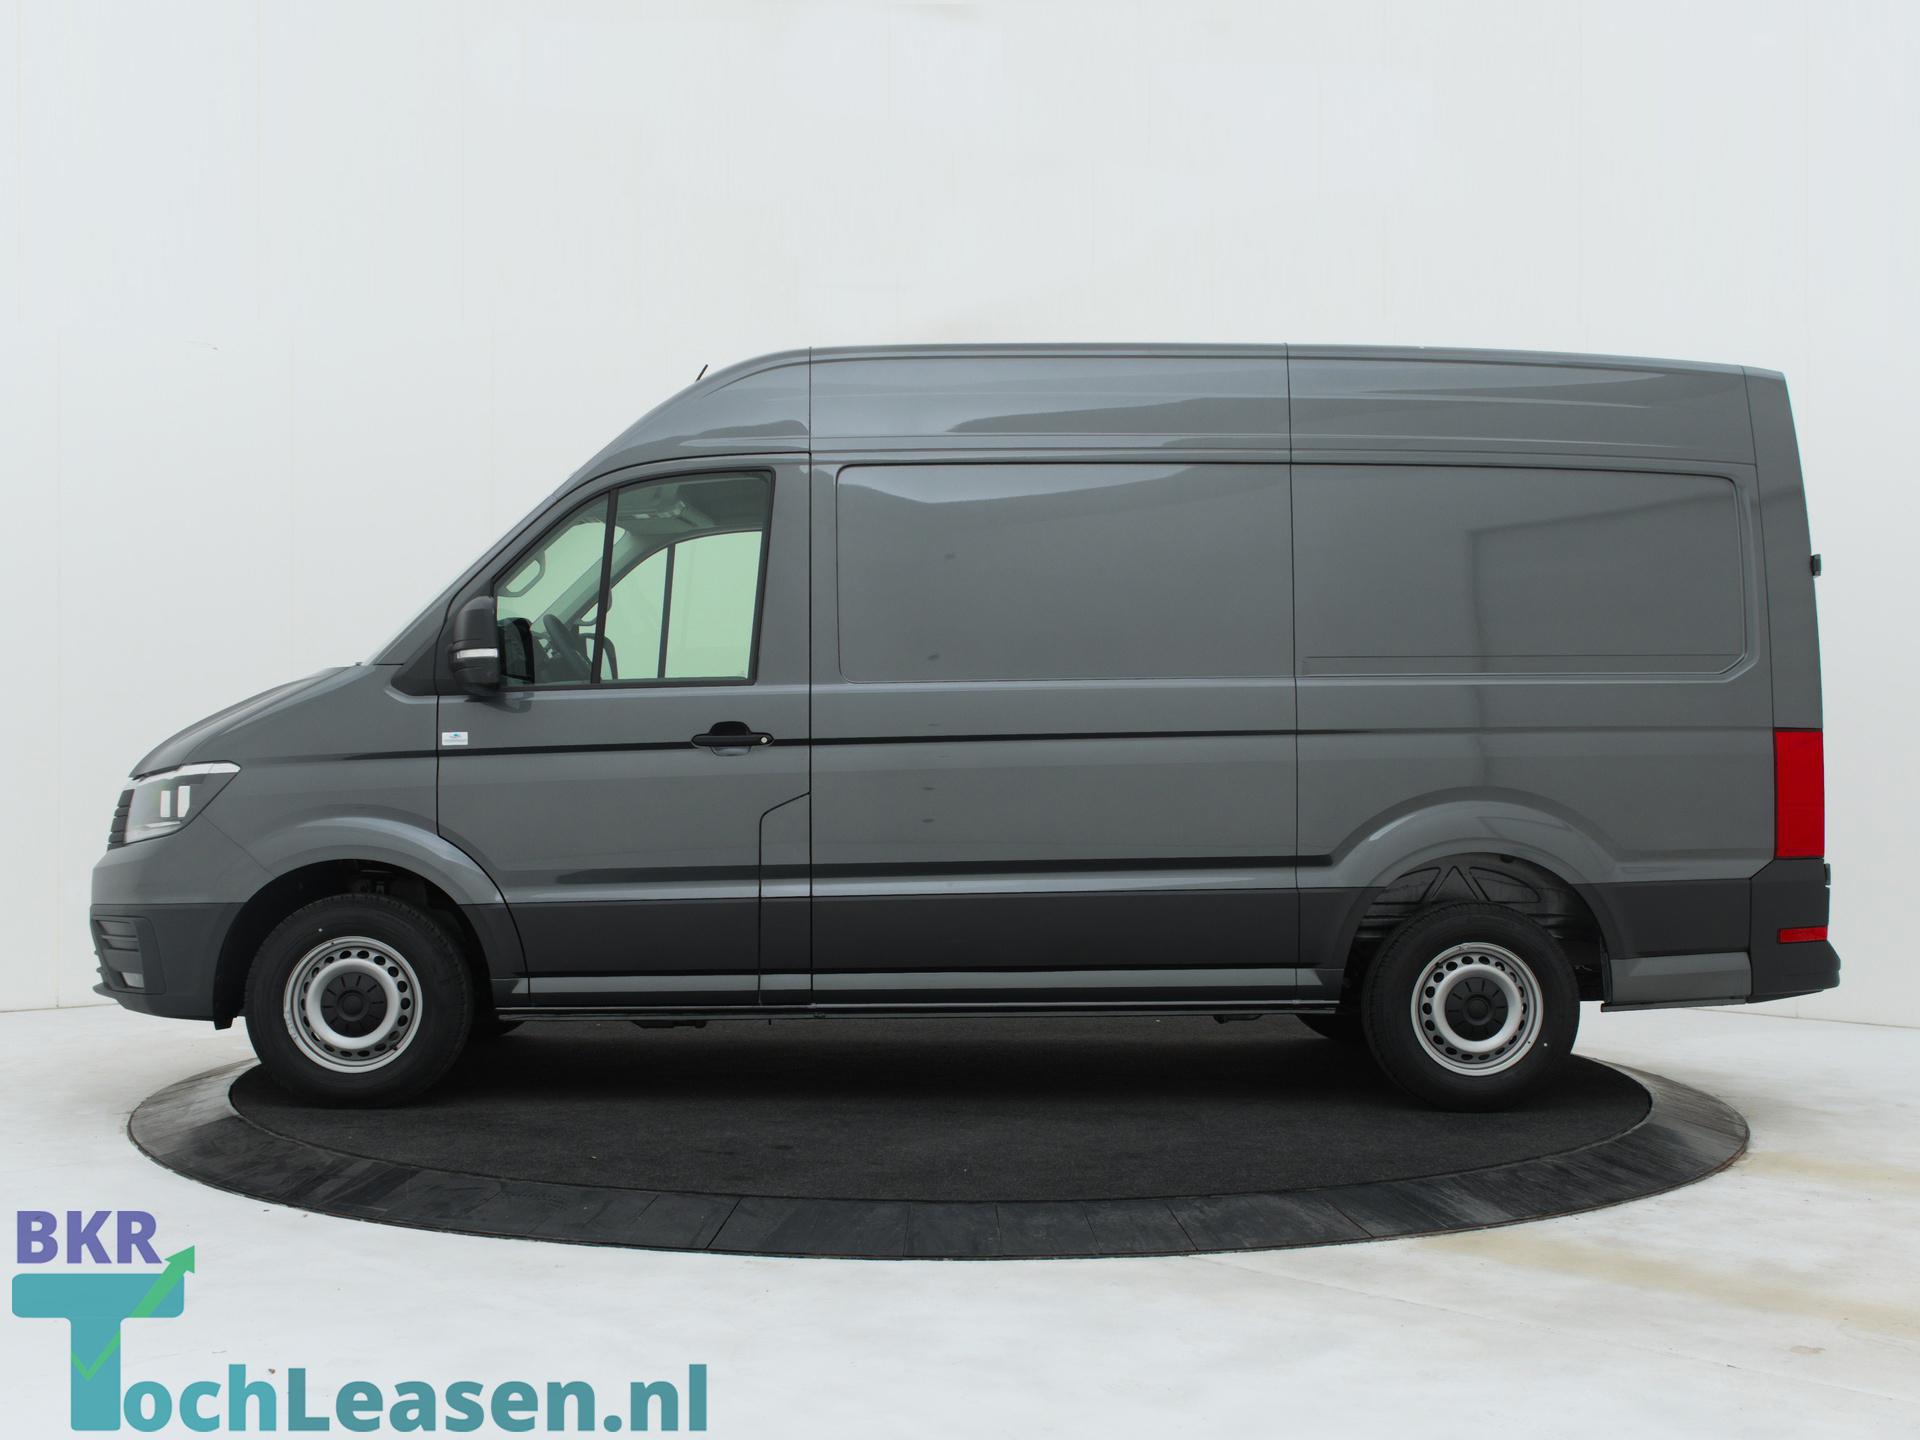 Bkr Toch Leasen Volkswagen Crafter22